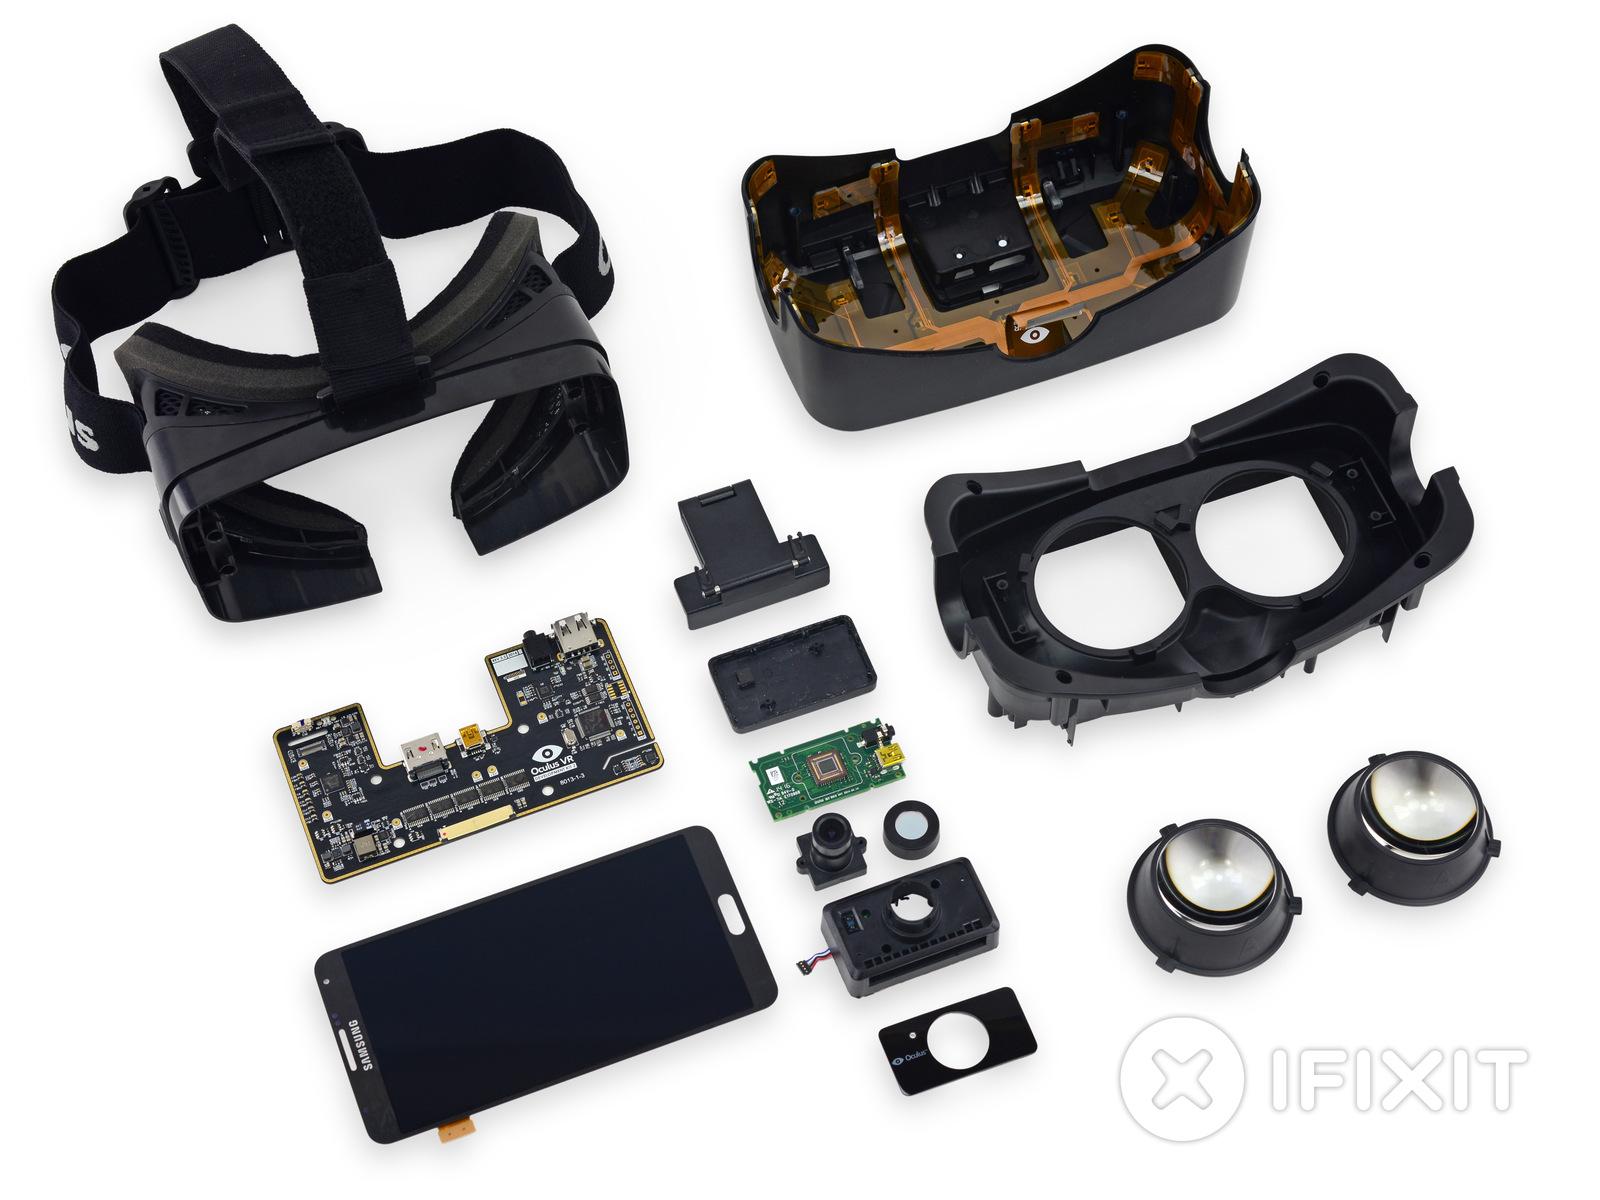 iFixit démonte l'Oculus Rift DK2 et découvre … un écran de Galaxy Note 3 !